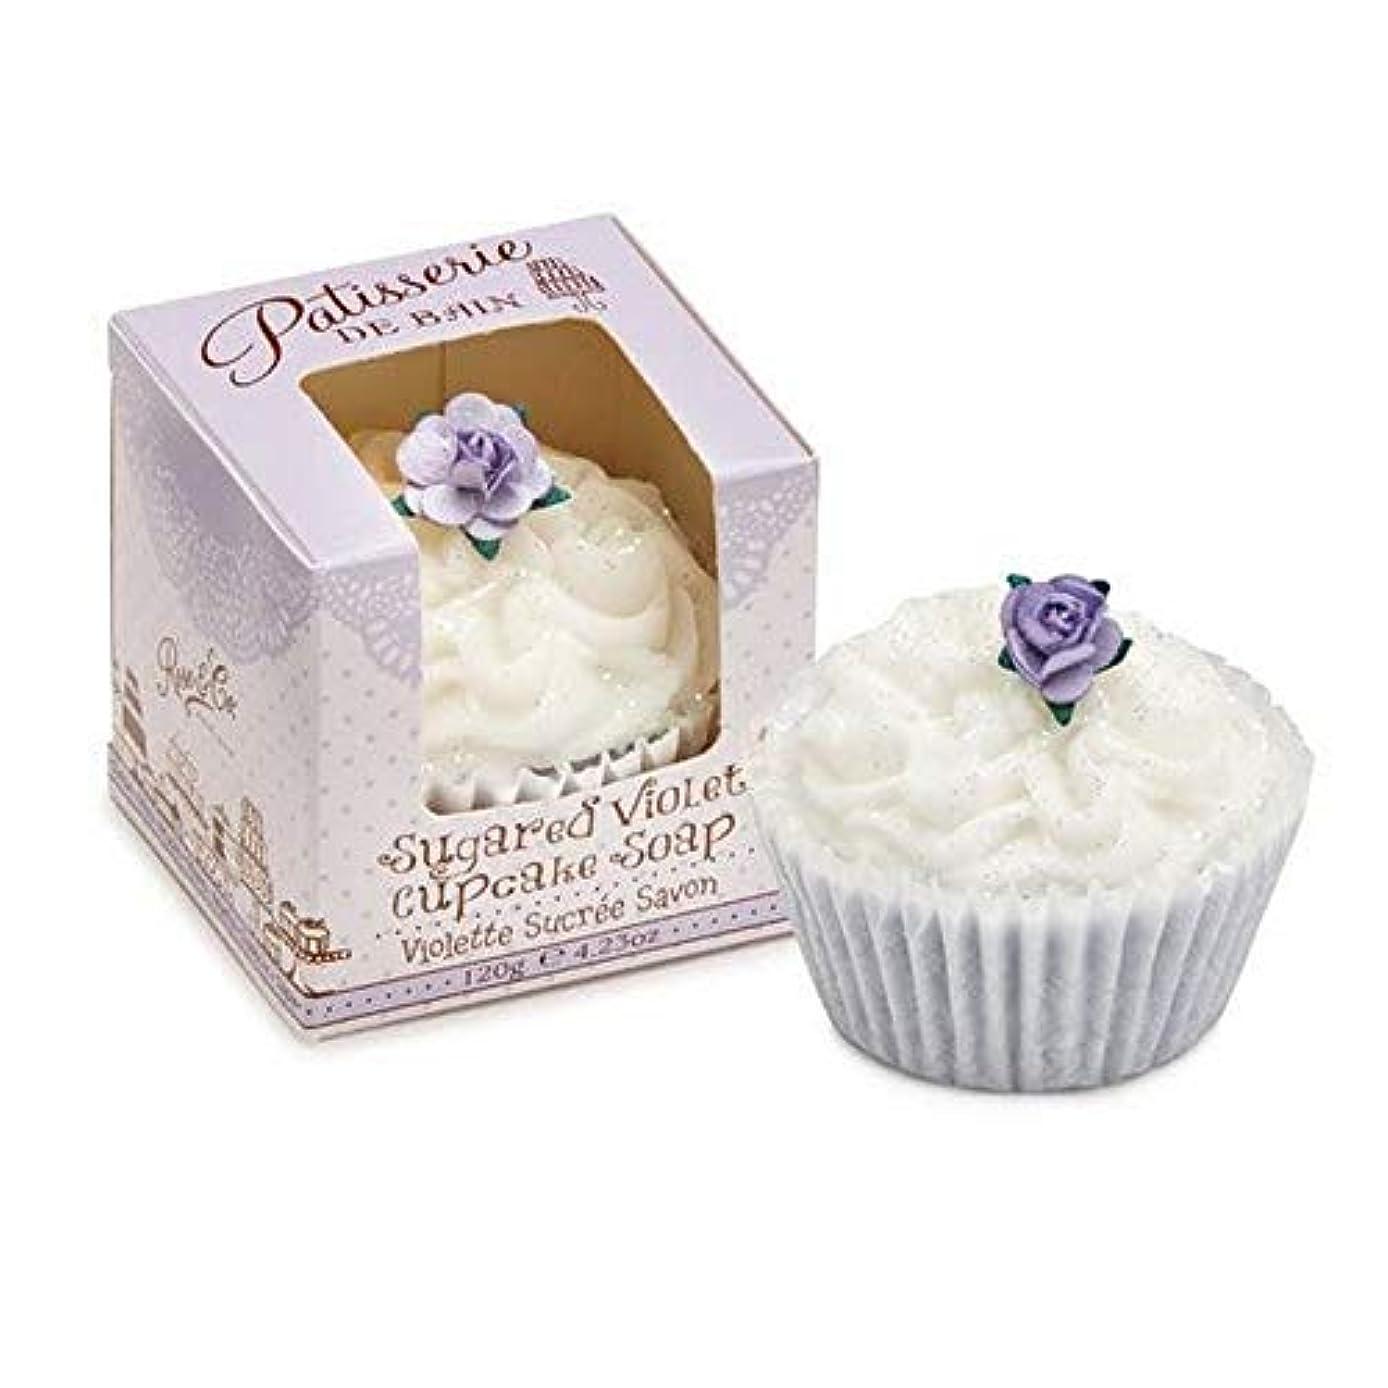 束ねるエントリブラジャー[Patisserie de Bain ] 砂糖パティスリー?ド?ベイン紫色のカップケーキソープ120グラム - Patisserie de Bain Sugared Violet Cupcake Soap 120g [...